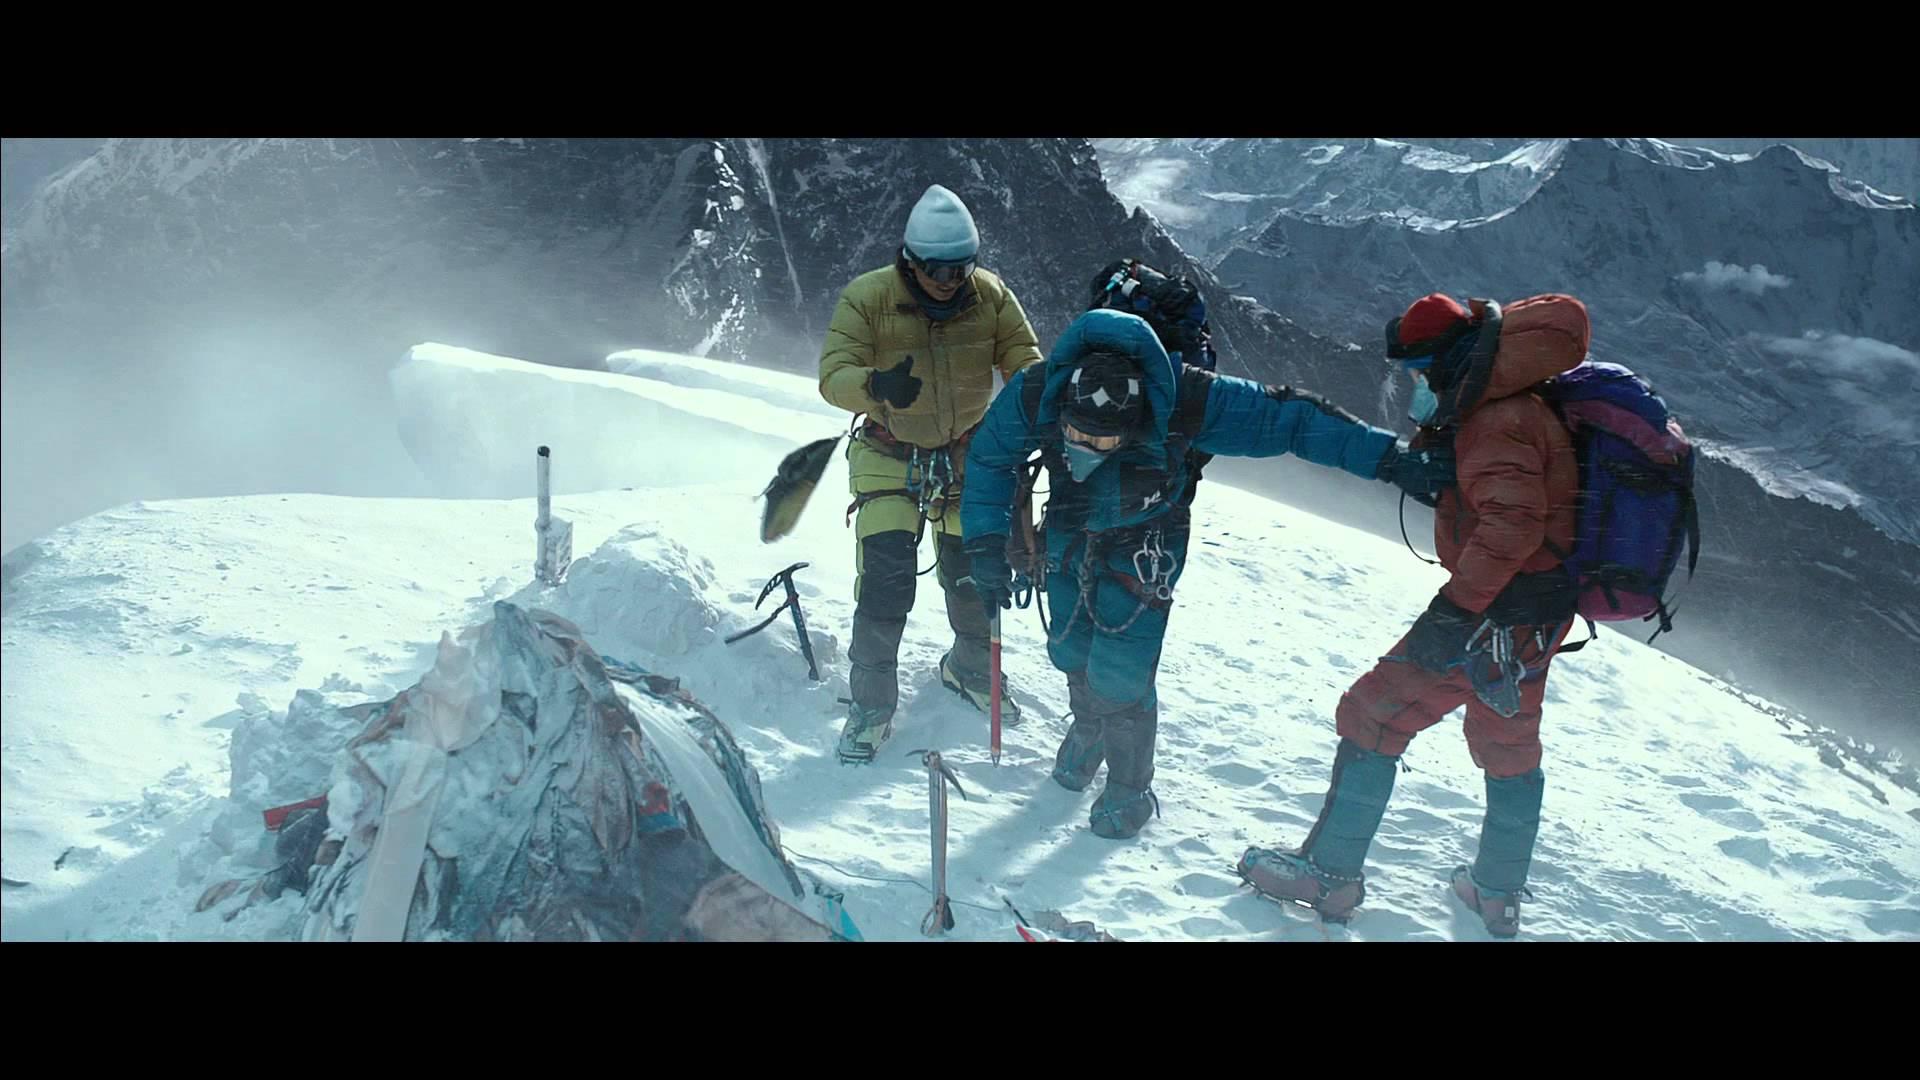 Everest – Scott Fischer (Universal Pictures)